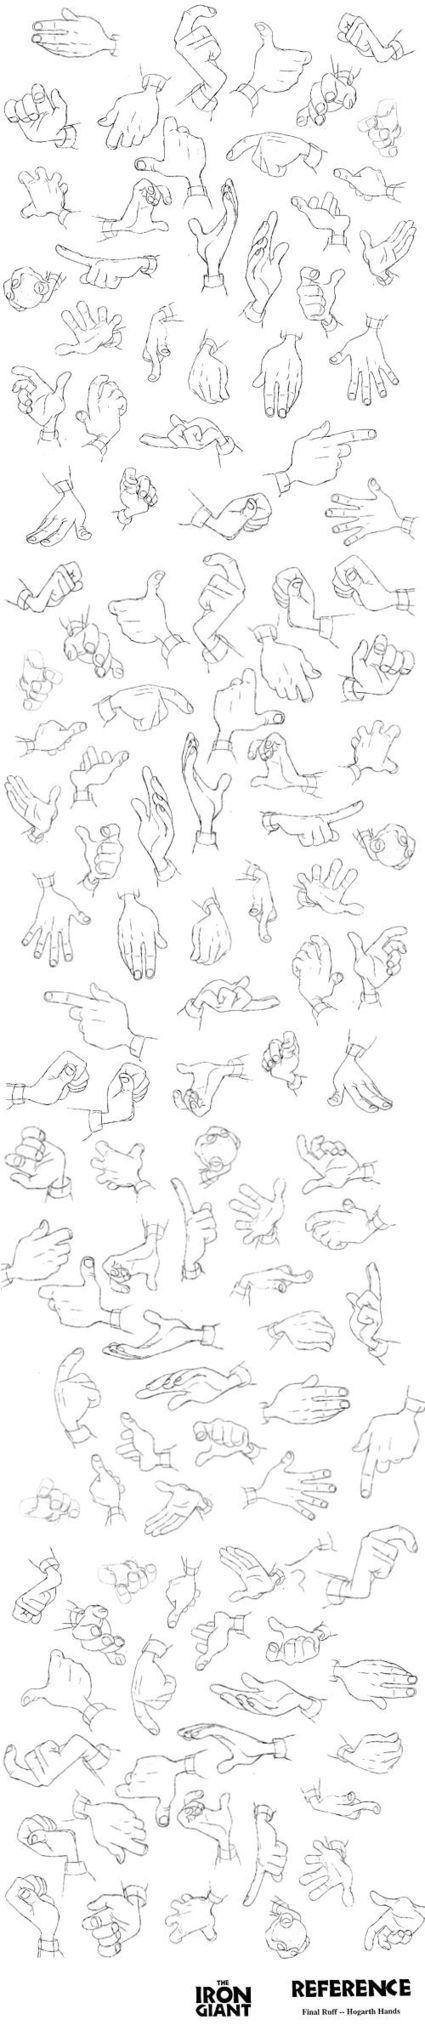 Falar com as mãos | Ecologia da mente | Scoop.it